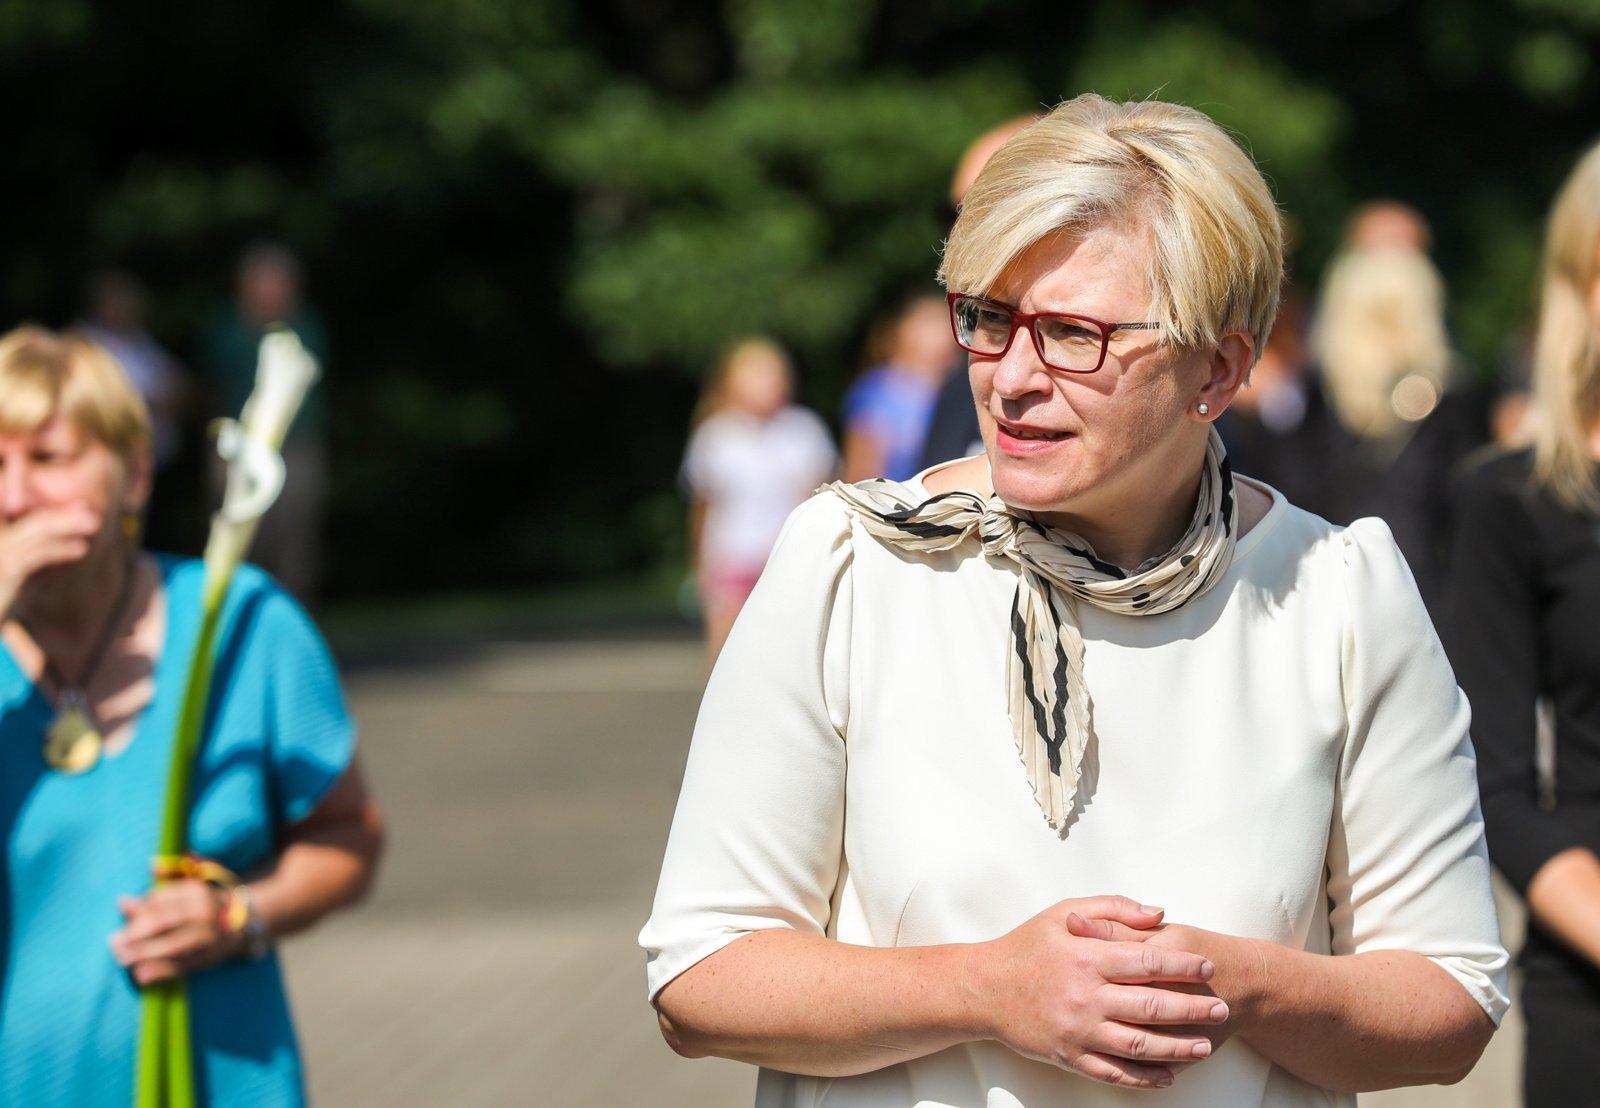 Premjerė I. Šimonytė Medininkuose: valstybės gynimas ir stiprinimas nėra vien politinės valdžios reikalas – tai visų pareiga